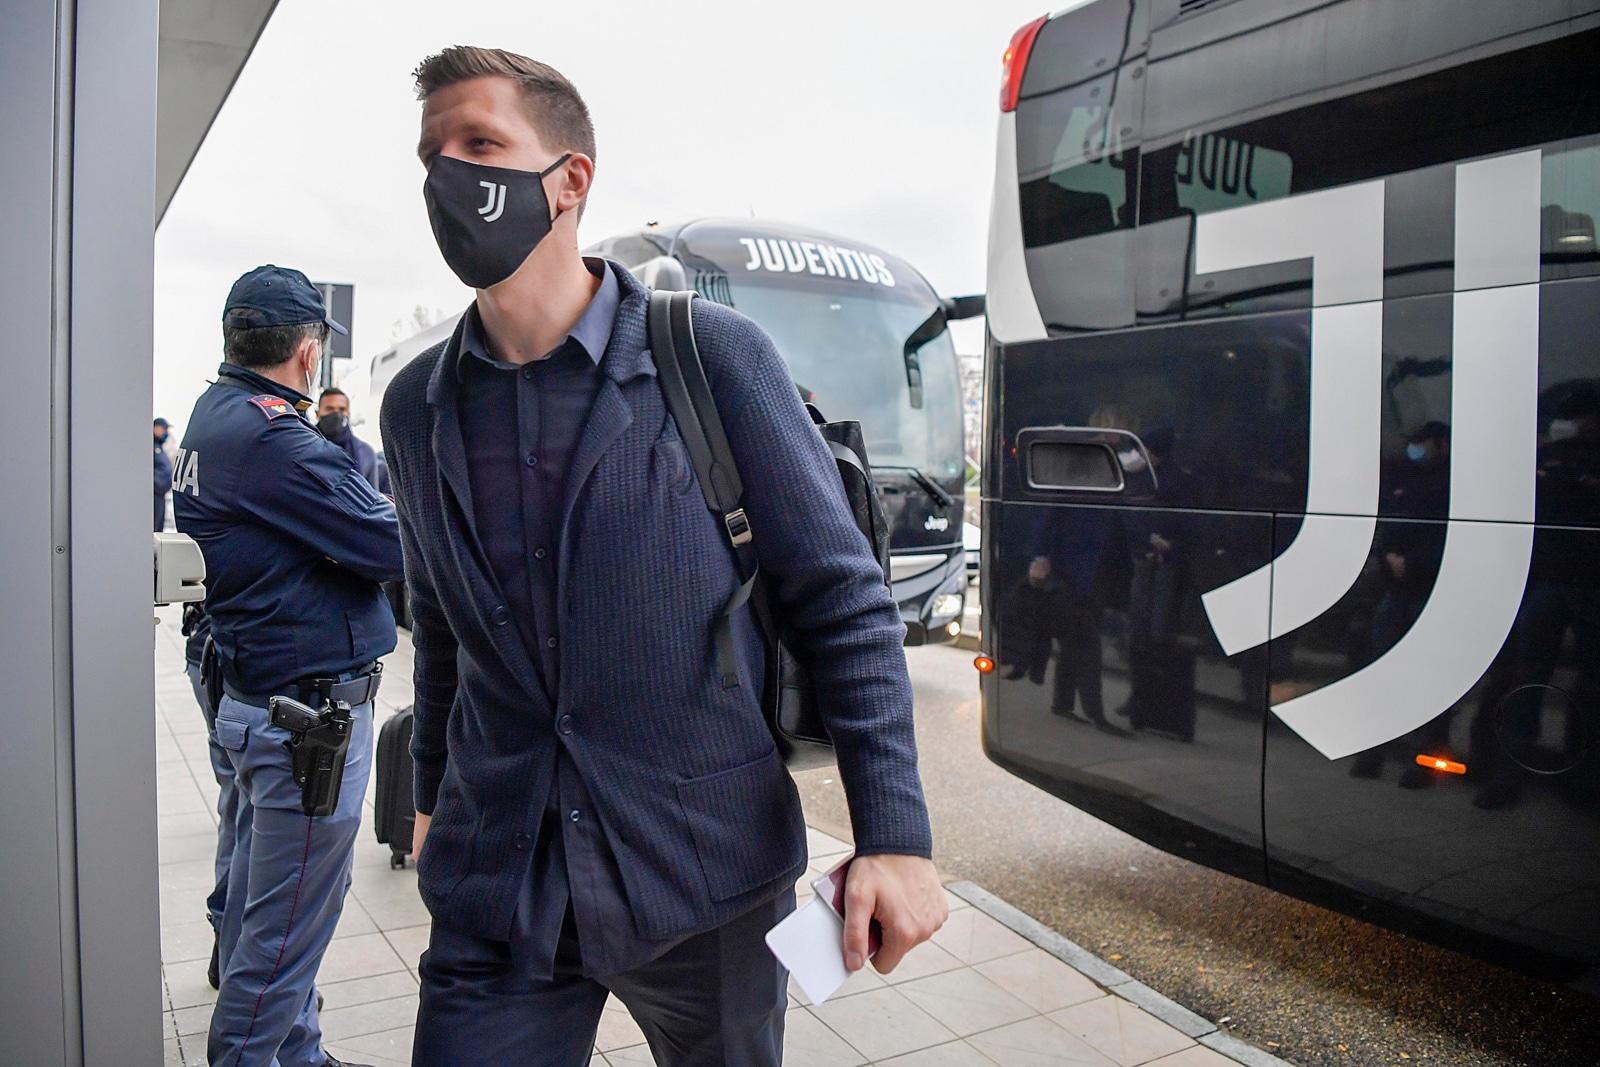 La Juve è sbarcata a Barcellona: le foto del viaggio